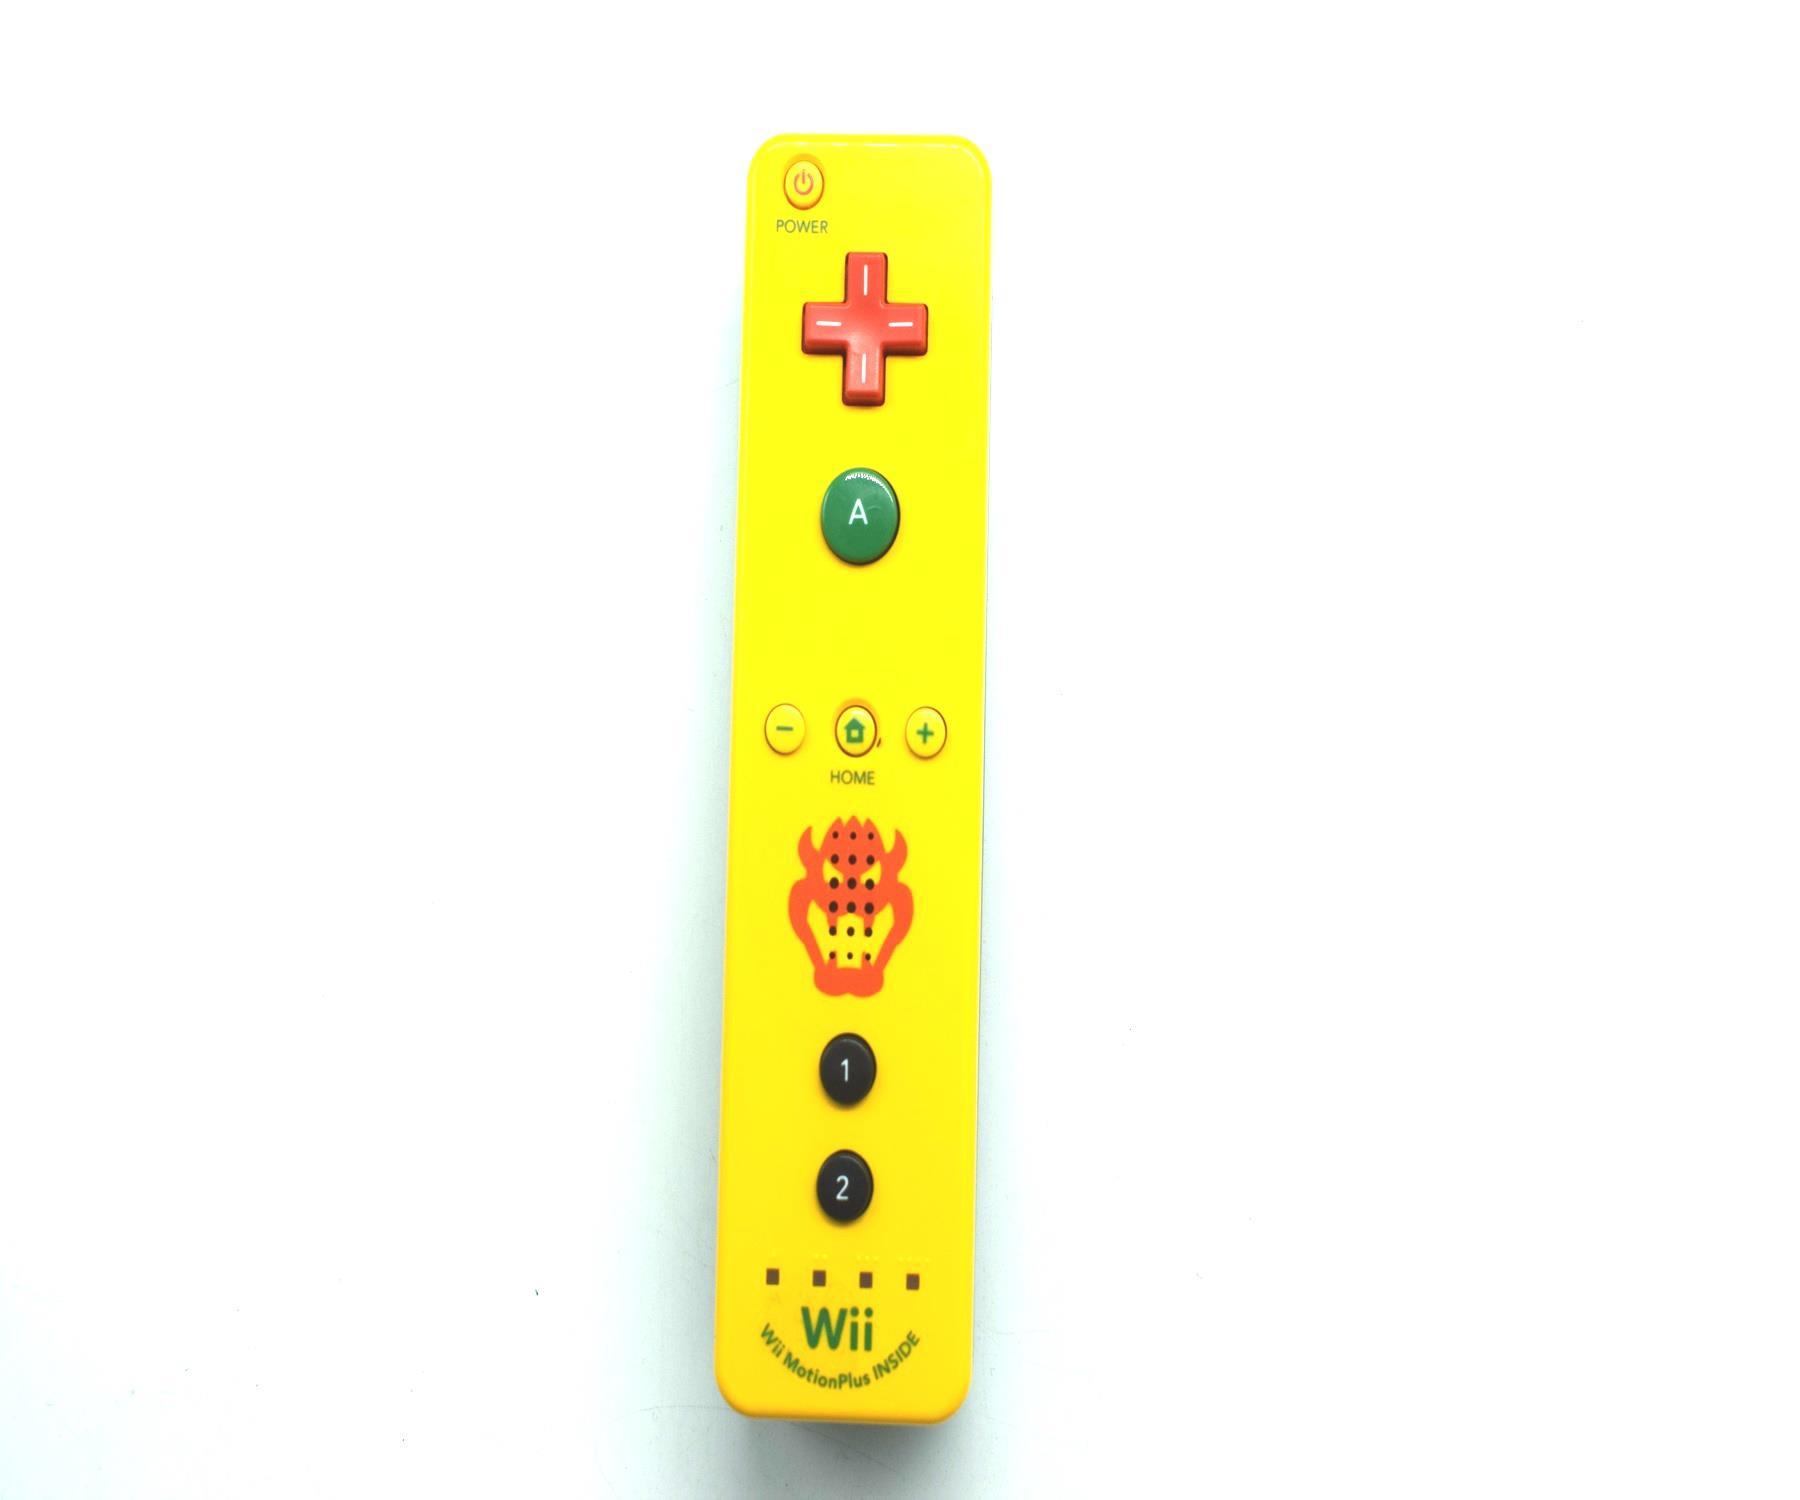 Official-Nintendo-Wii-amp-Remote-U-Plus-Genuine-Original-Controller miniatuur 8